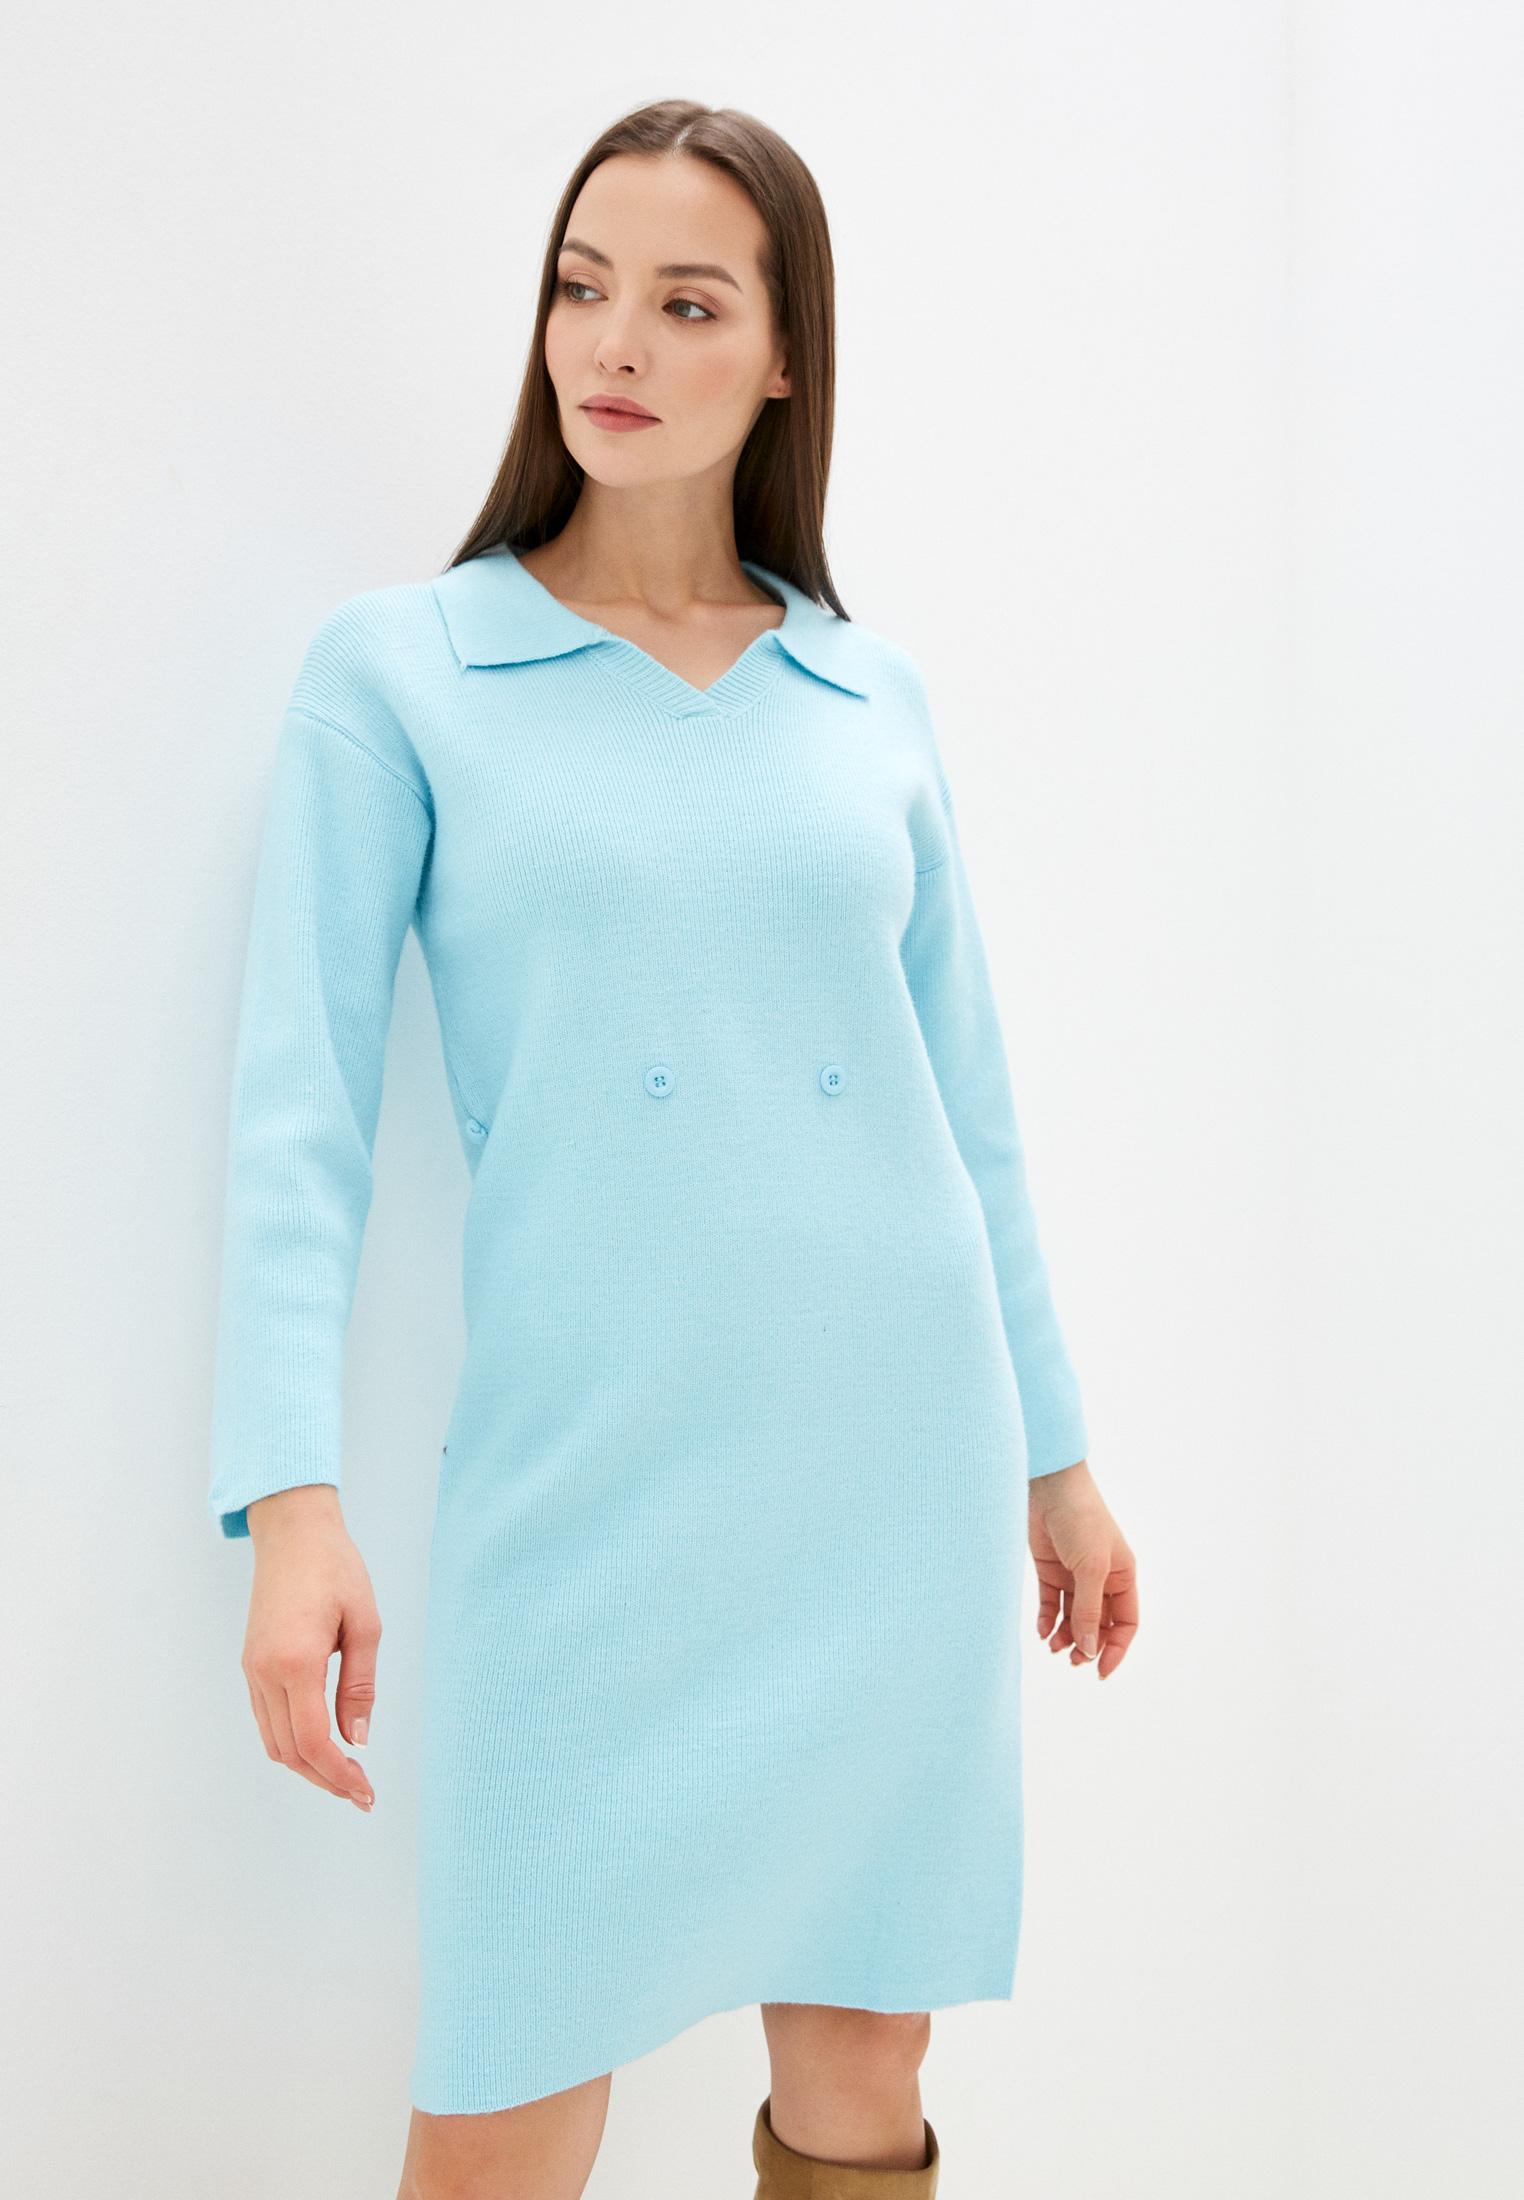 Вязаное платье Marselesa MAR22-51-6